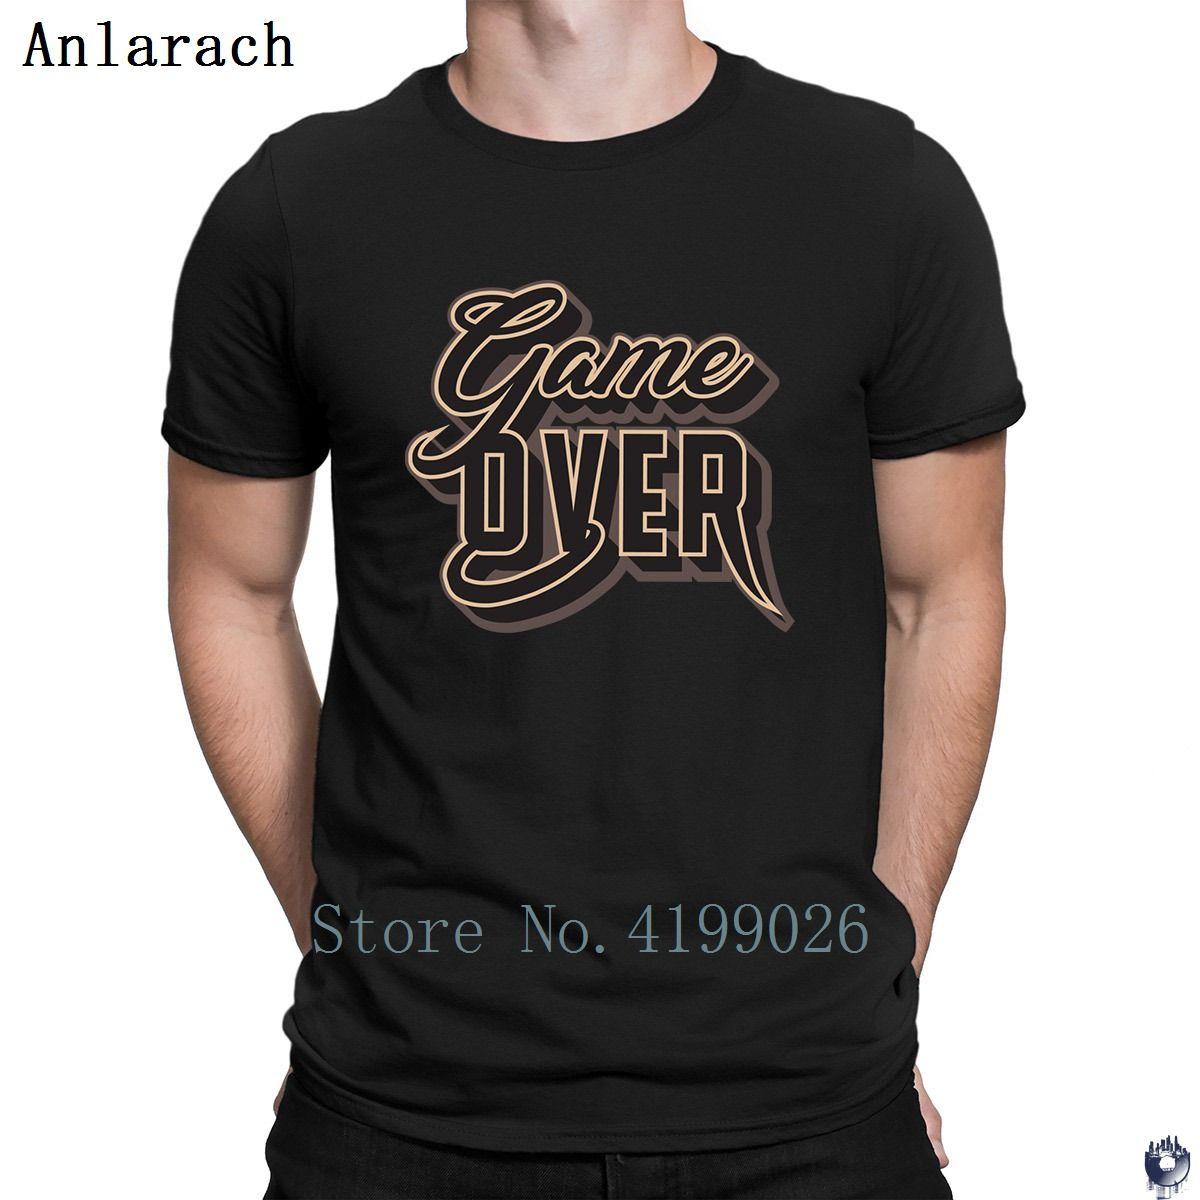 Game Over tshirts mieux créer l'été masselotte été la vente des t-shirts hommes Euro mince Taille Anlarach de base solide